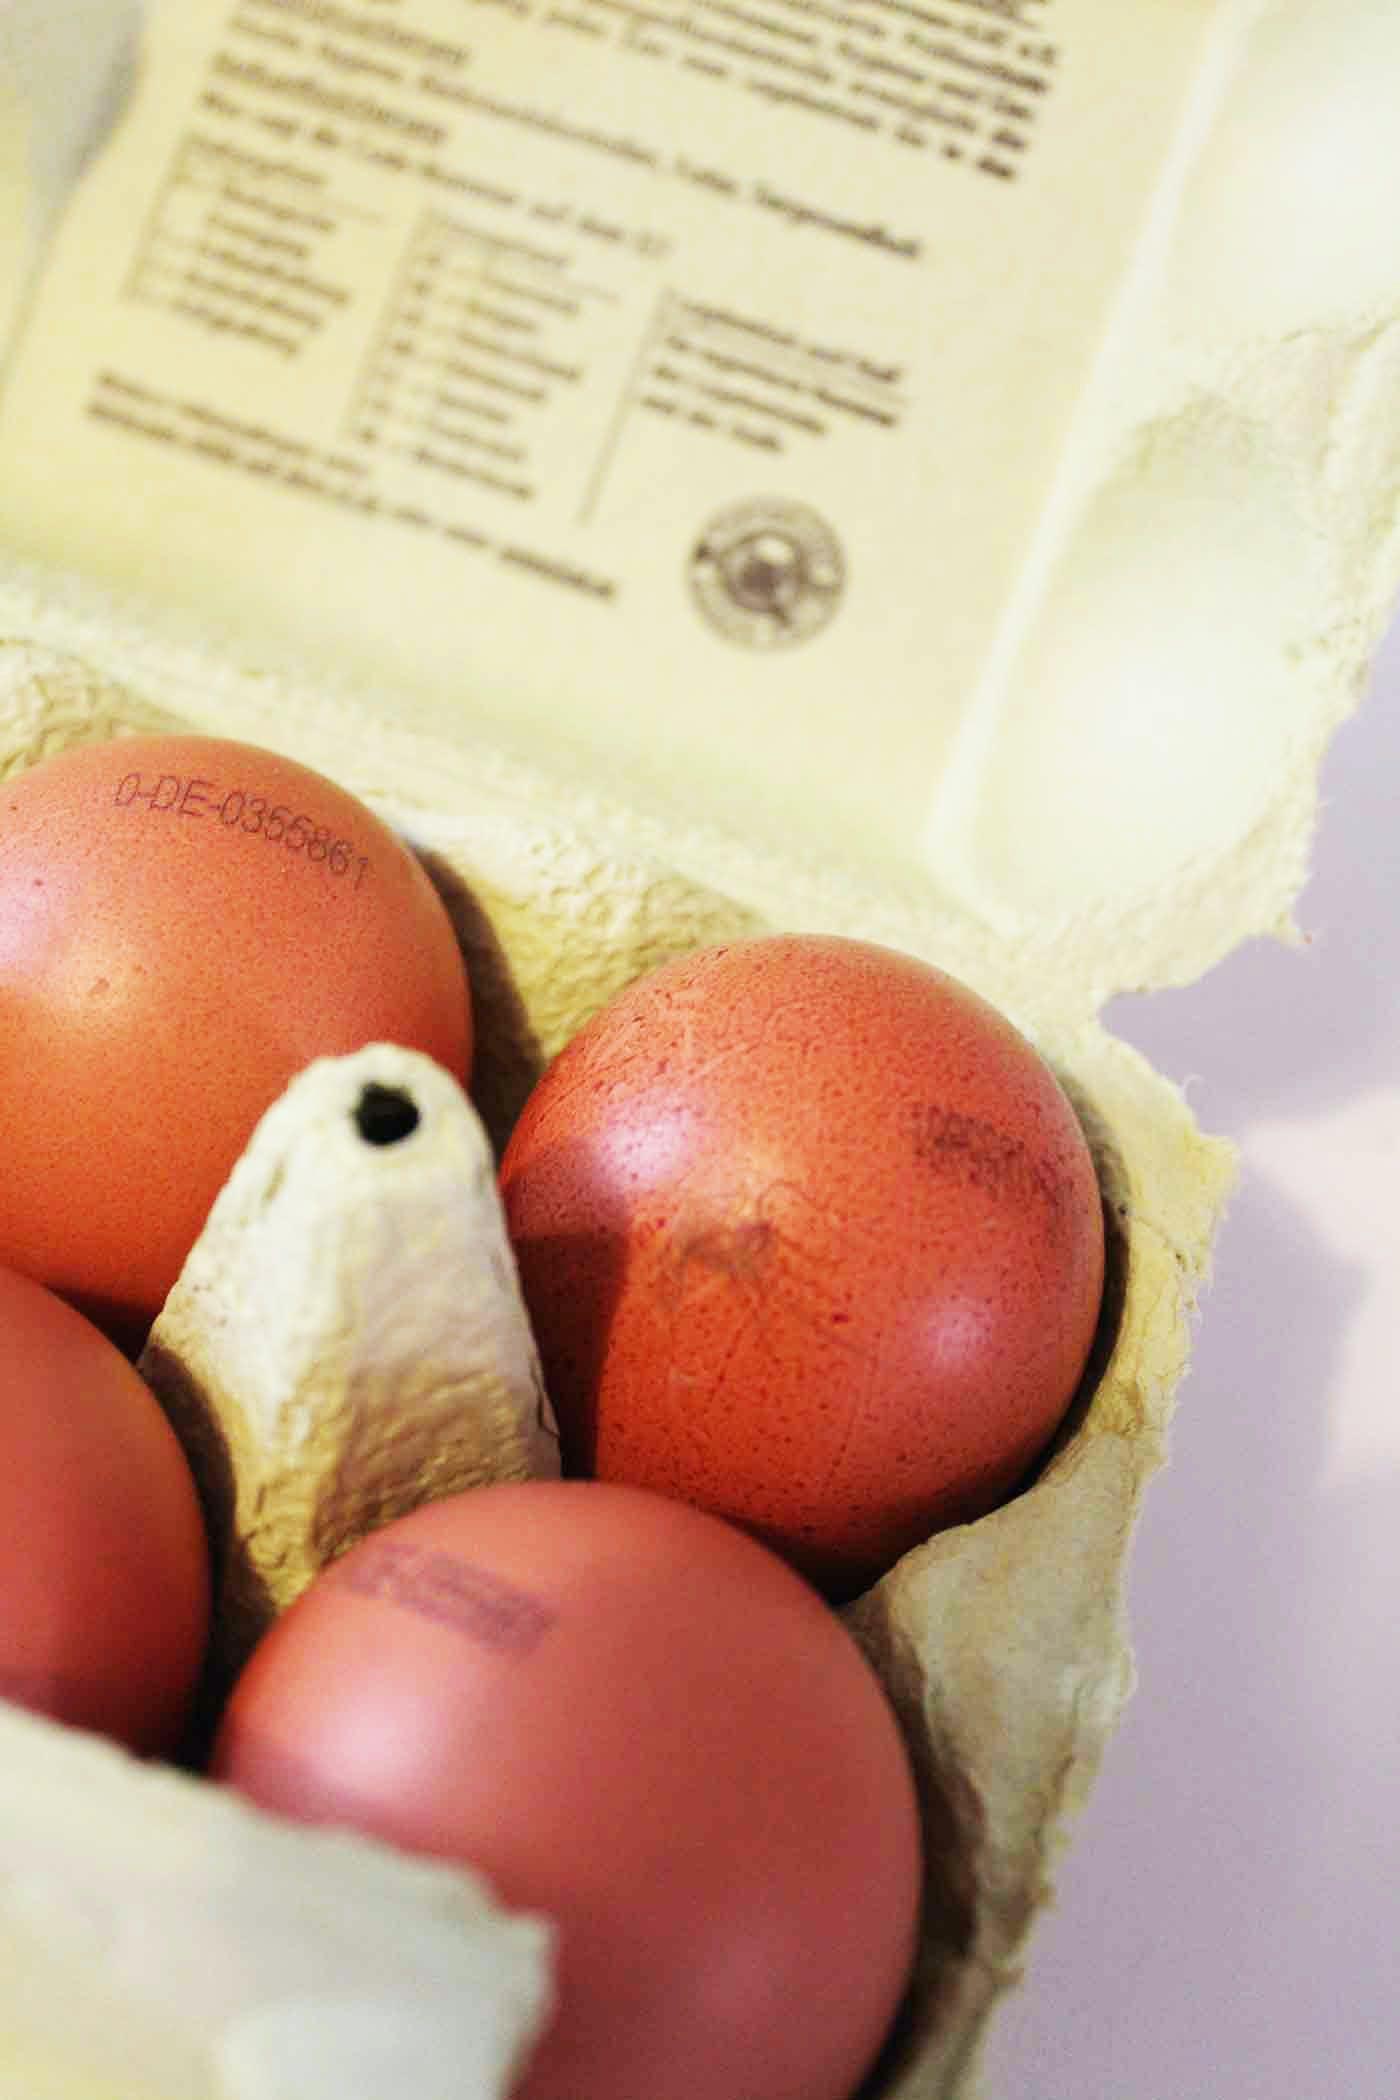 ドイツのスーパーで売られている卵。表面に文字が印字されている。